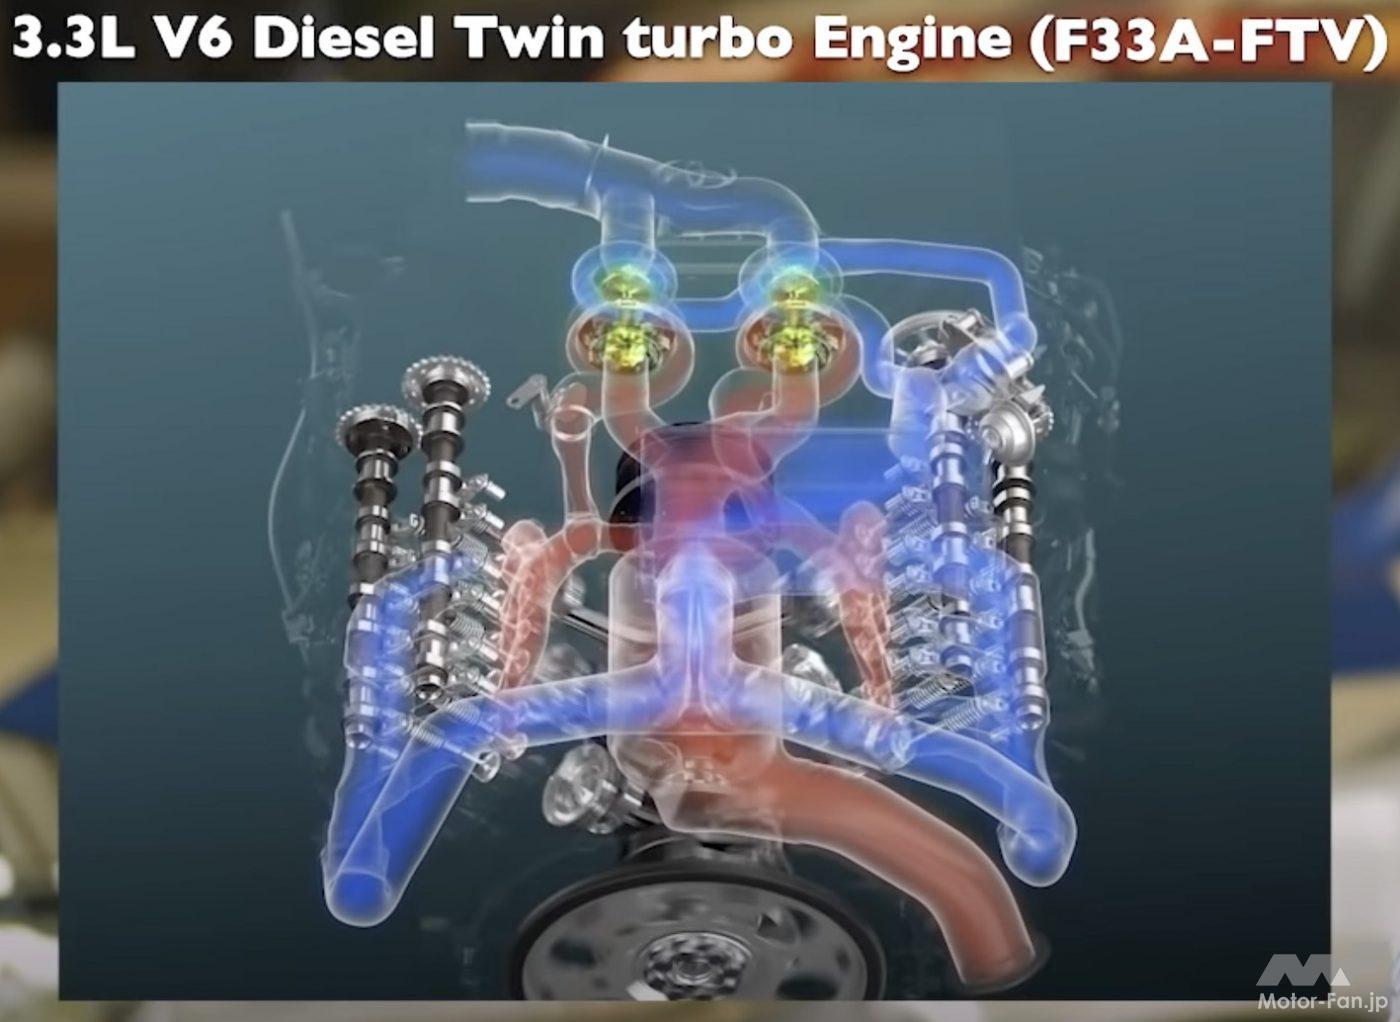 「間もなく日本デビュー! 新型トヨタ・ランドクルーザー(300系)完全新開発3.3ℓV6ディーゼルツインターボ【F33A-FTV】とはどんなエンジンになるか」の13枚目の画像